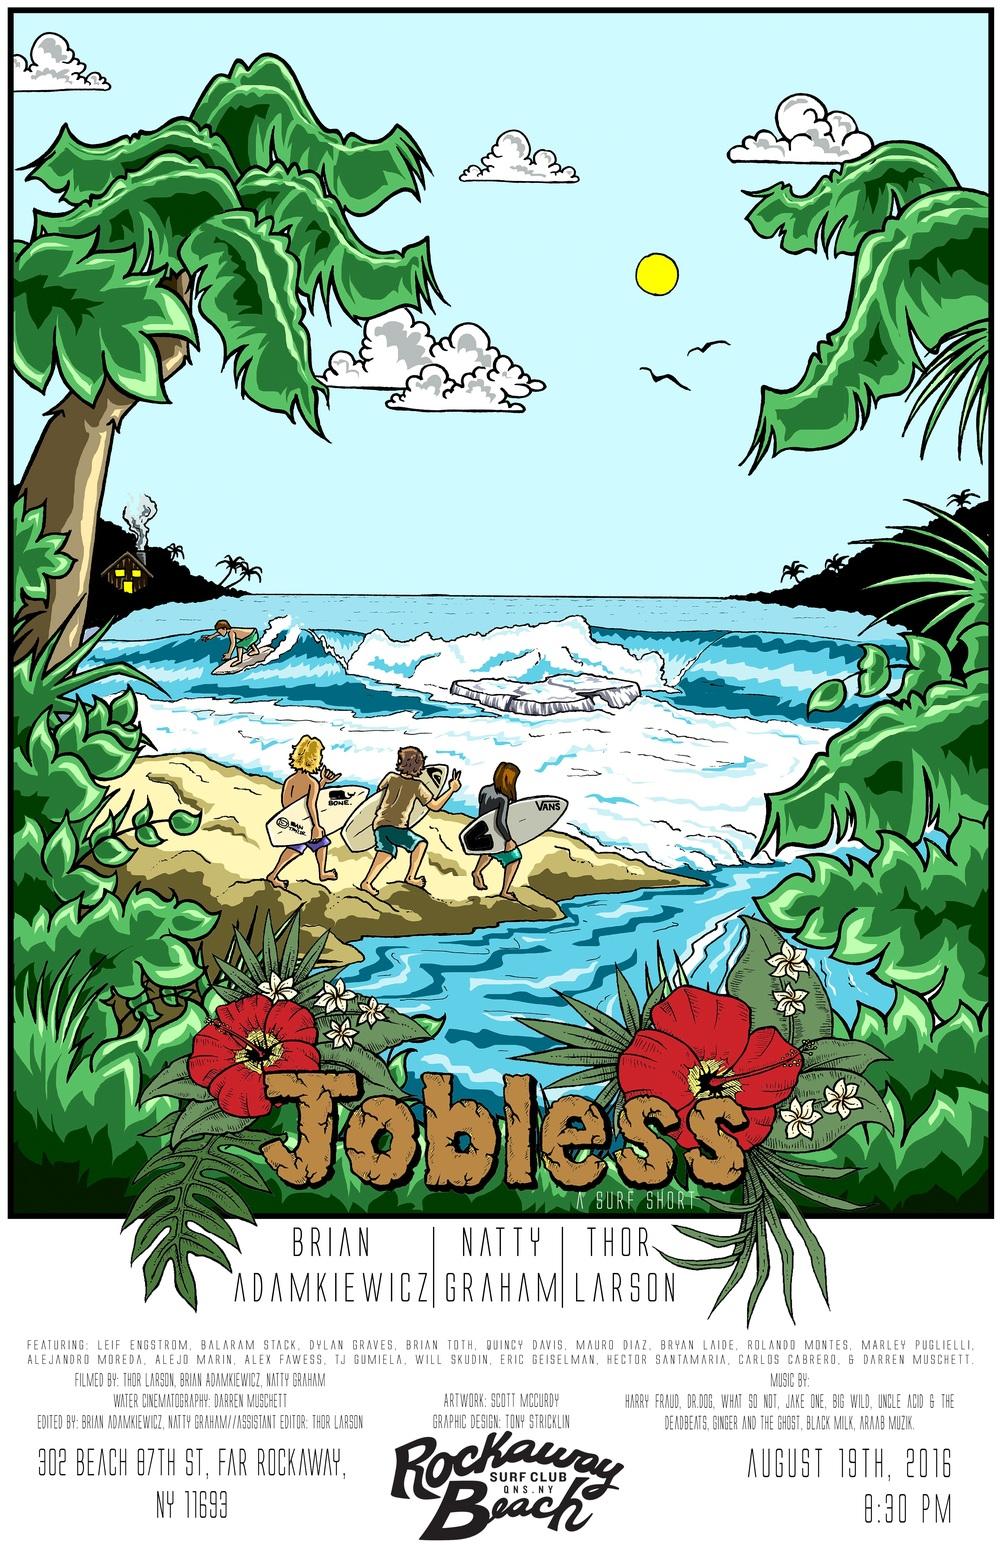 jobless rockaway beach surf club